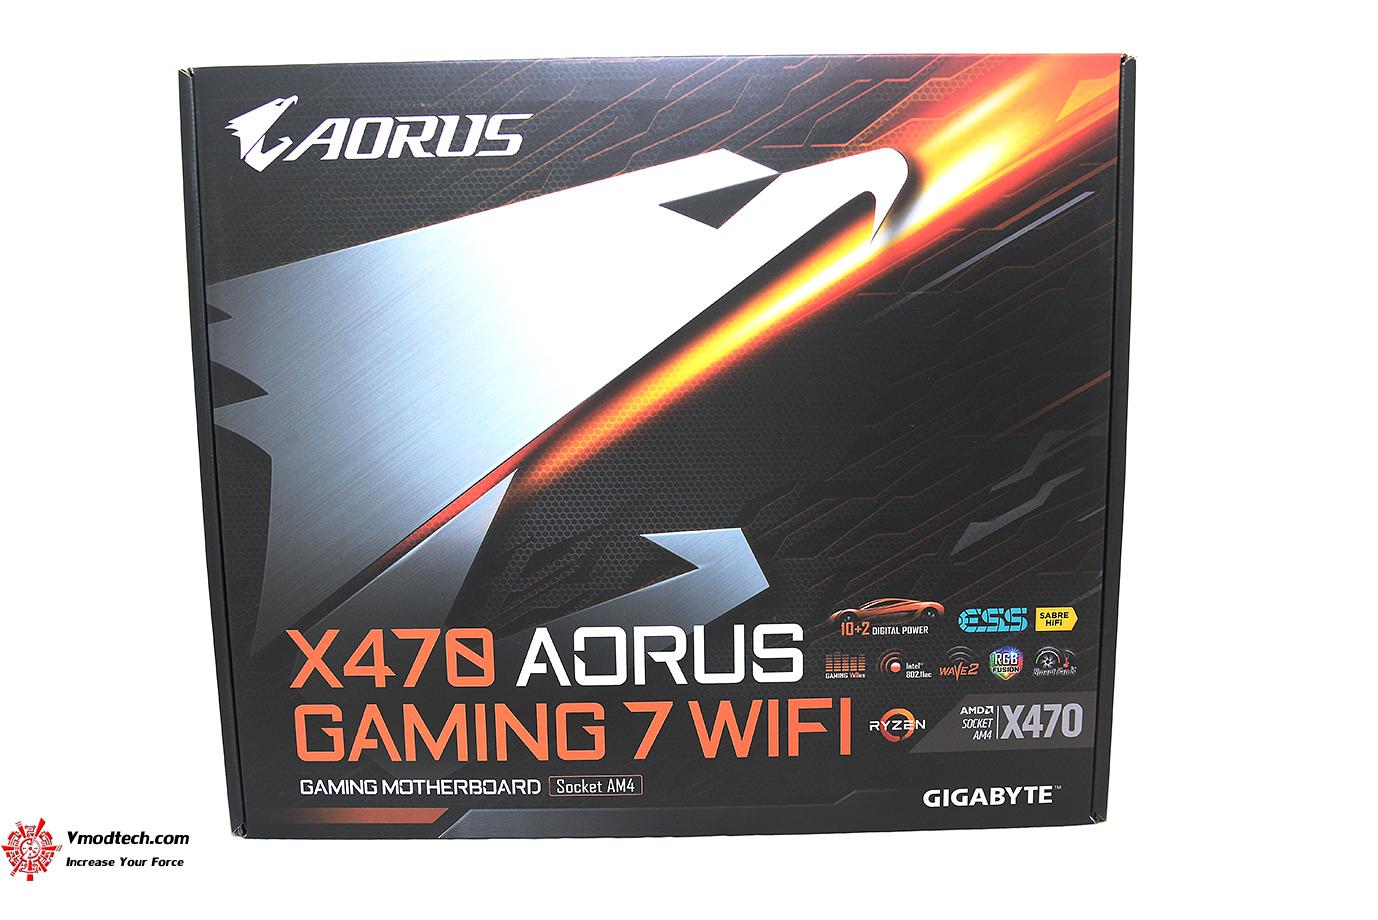 dsc 1289 AMD RYZEN 7 2700X PROCESSOR REVIEW